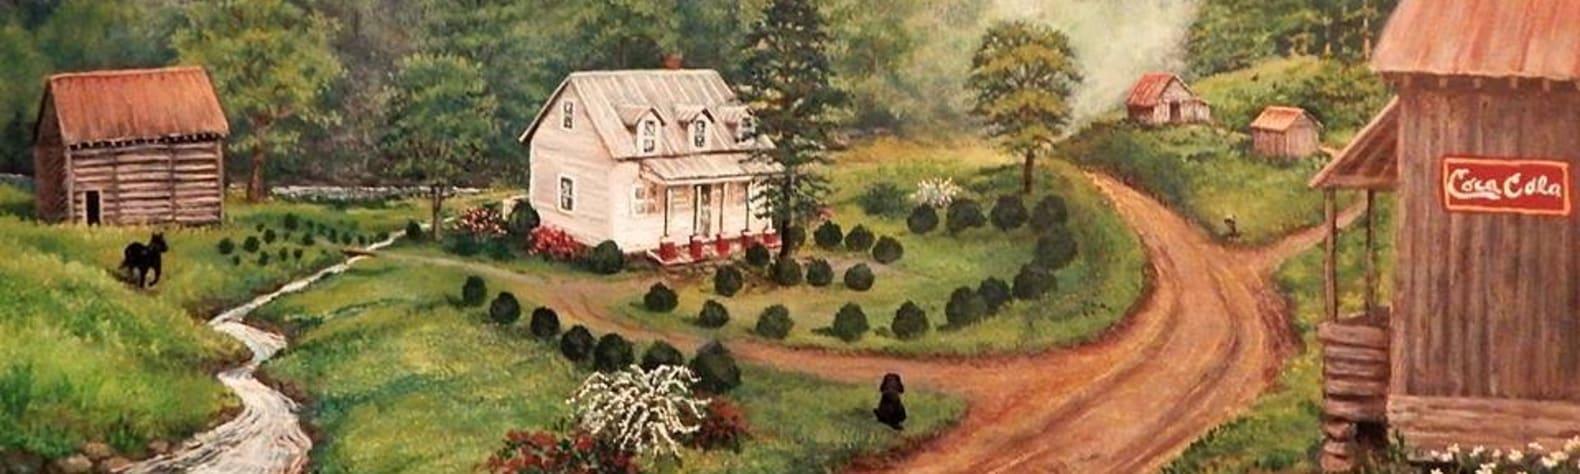 Anne R.'s Land